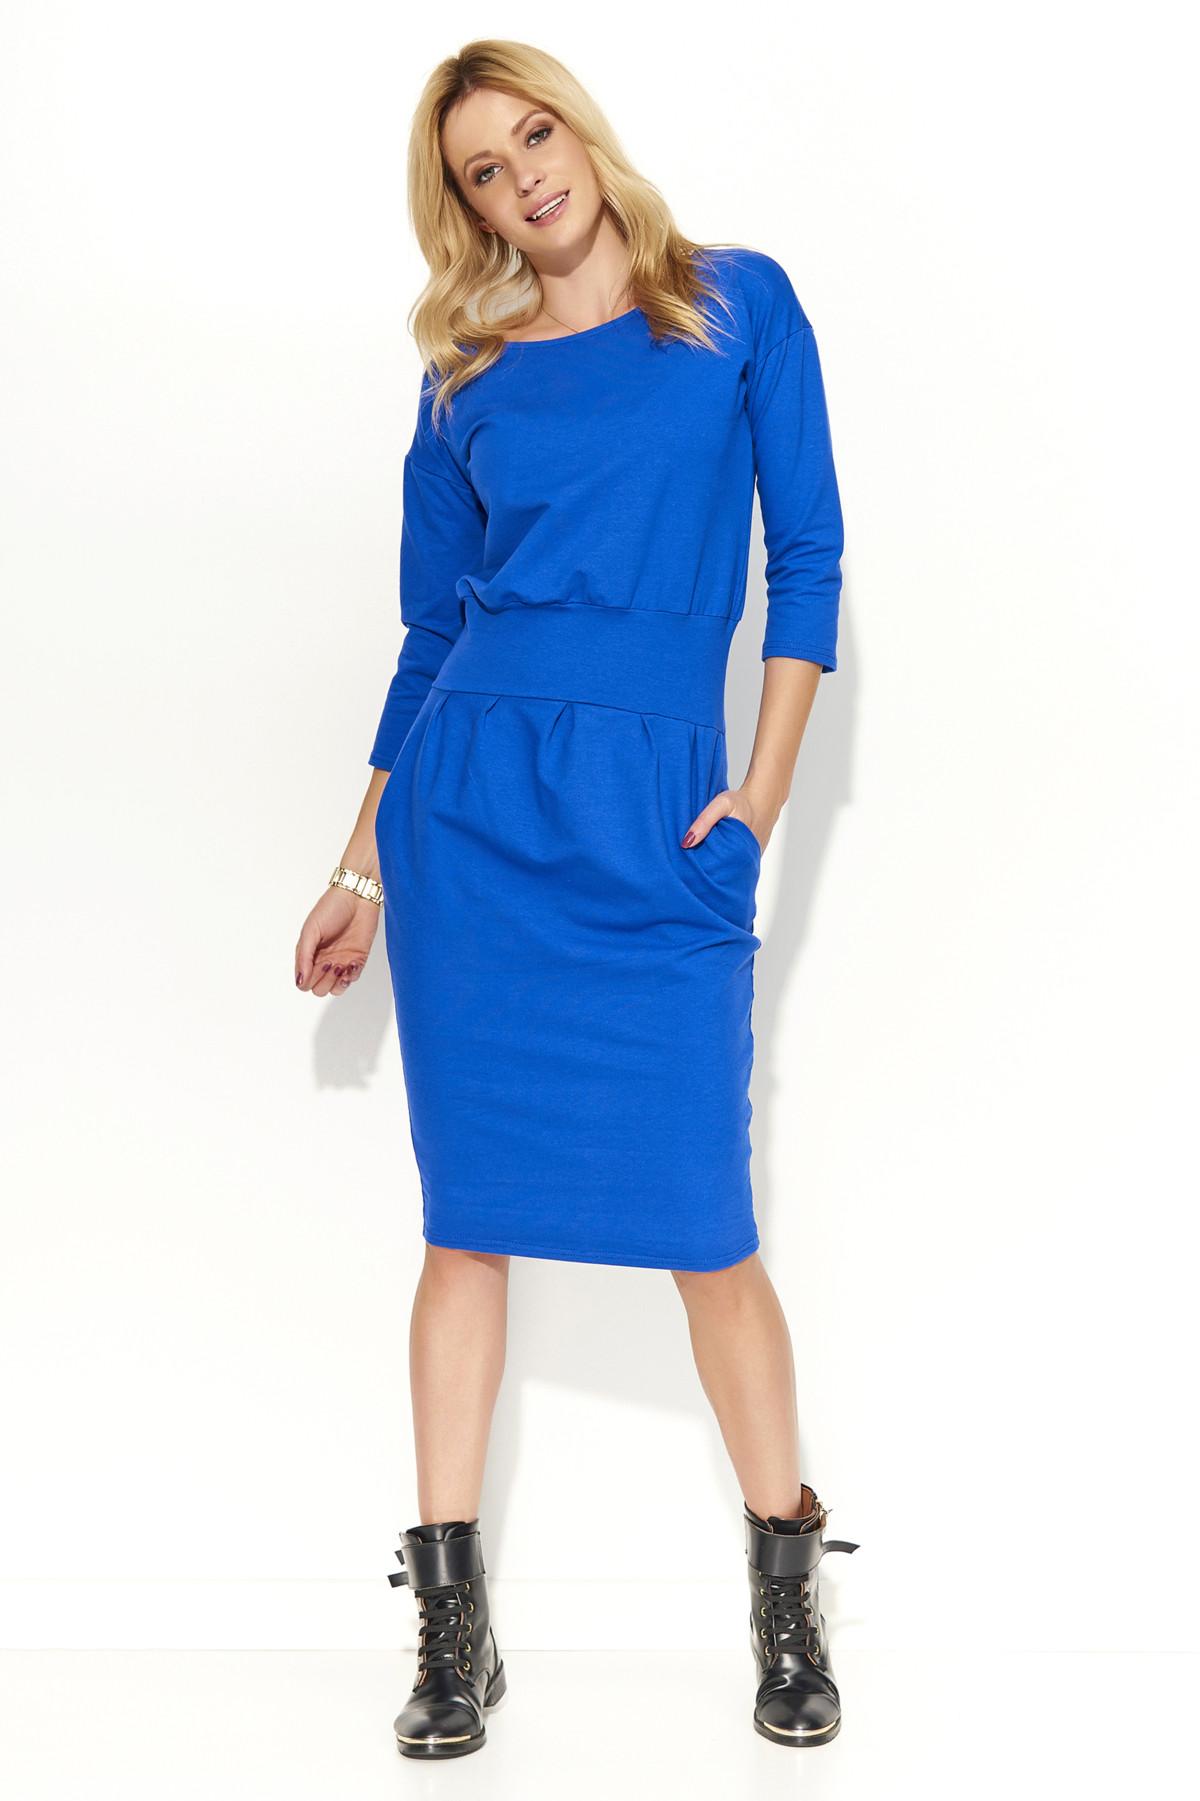 Dámské šaty s volným střihem středně dlouhé - Modrá 42